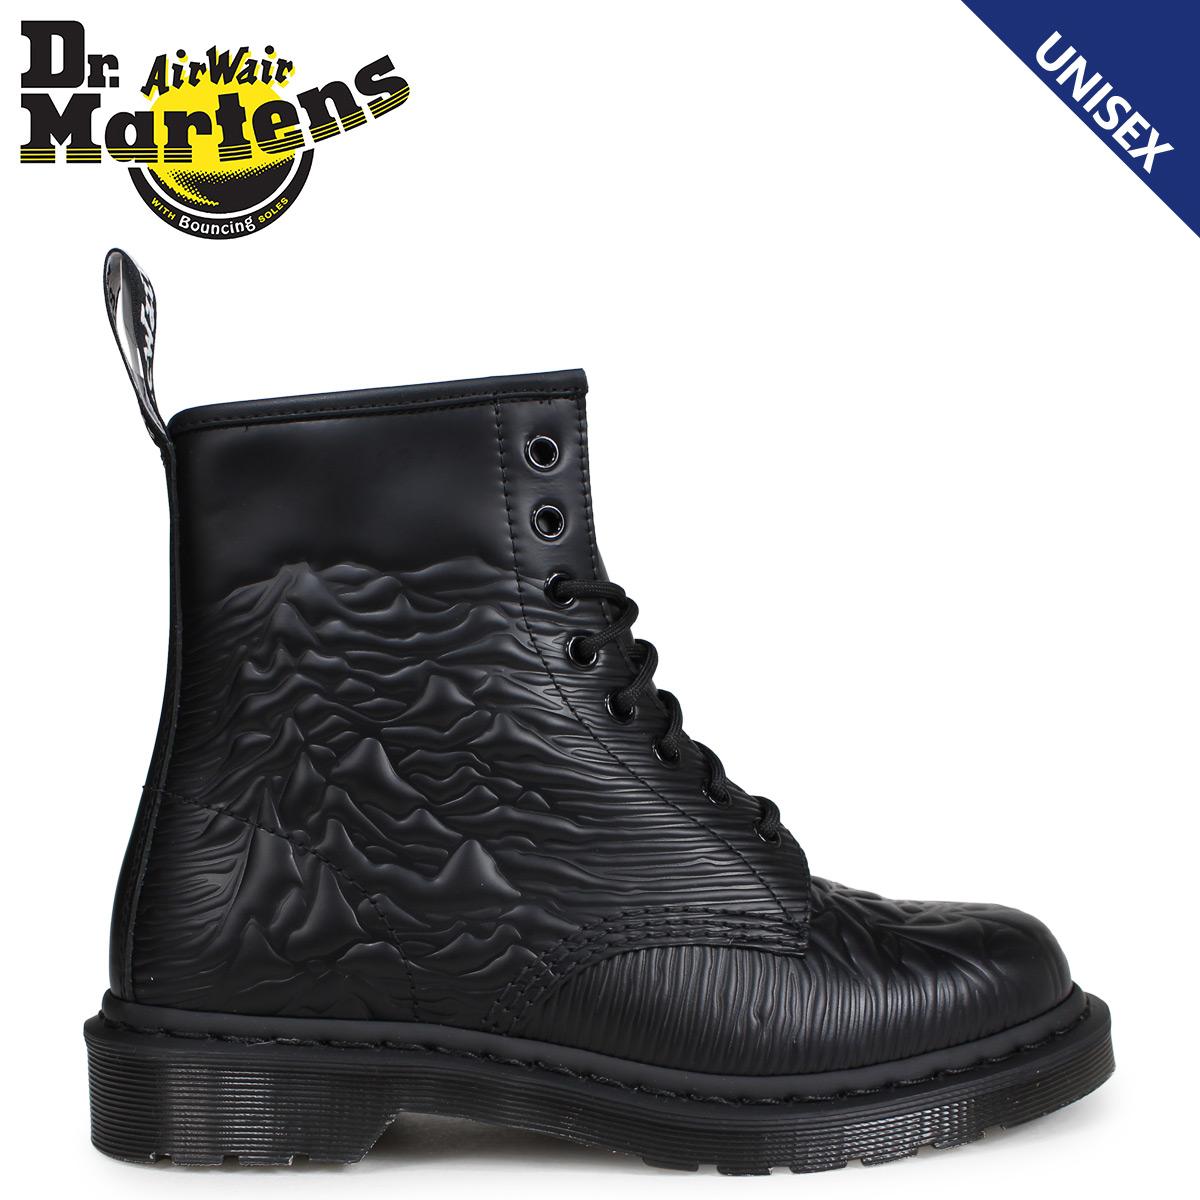 Dr.Martens 8ホール 1460 ブーツ メンズ レディース ドクターマーチン UNKNOWN 8EYE BOOT ブラック 黒 R24302001